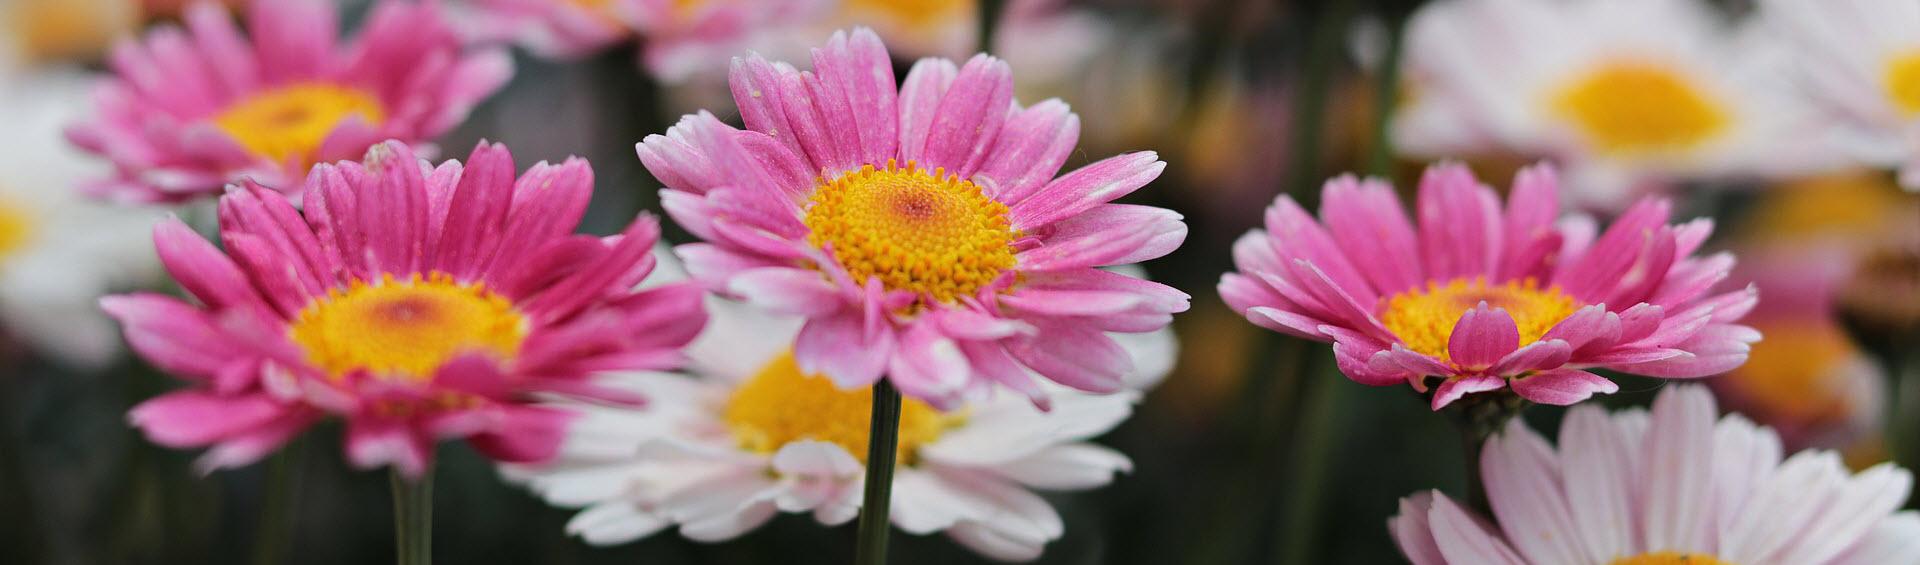 sommarblommor (ettåriga trädgårdsväxter)